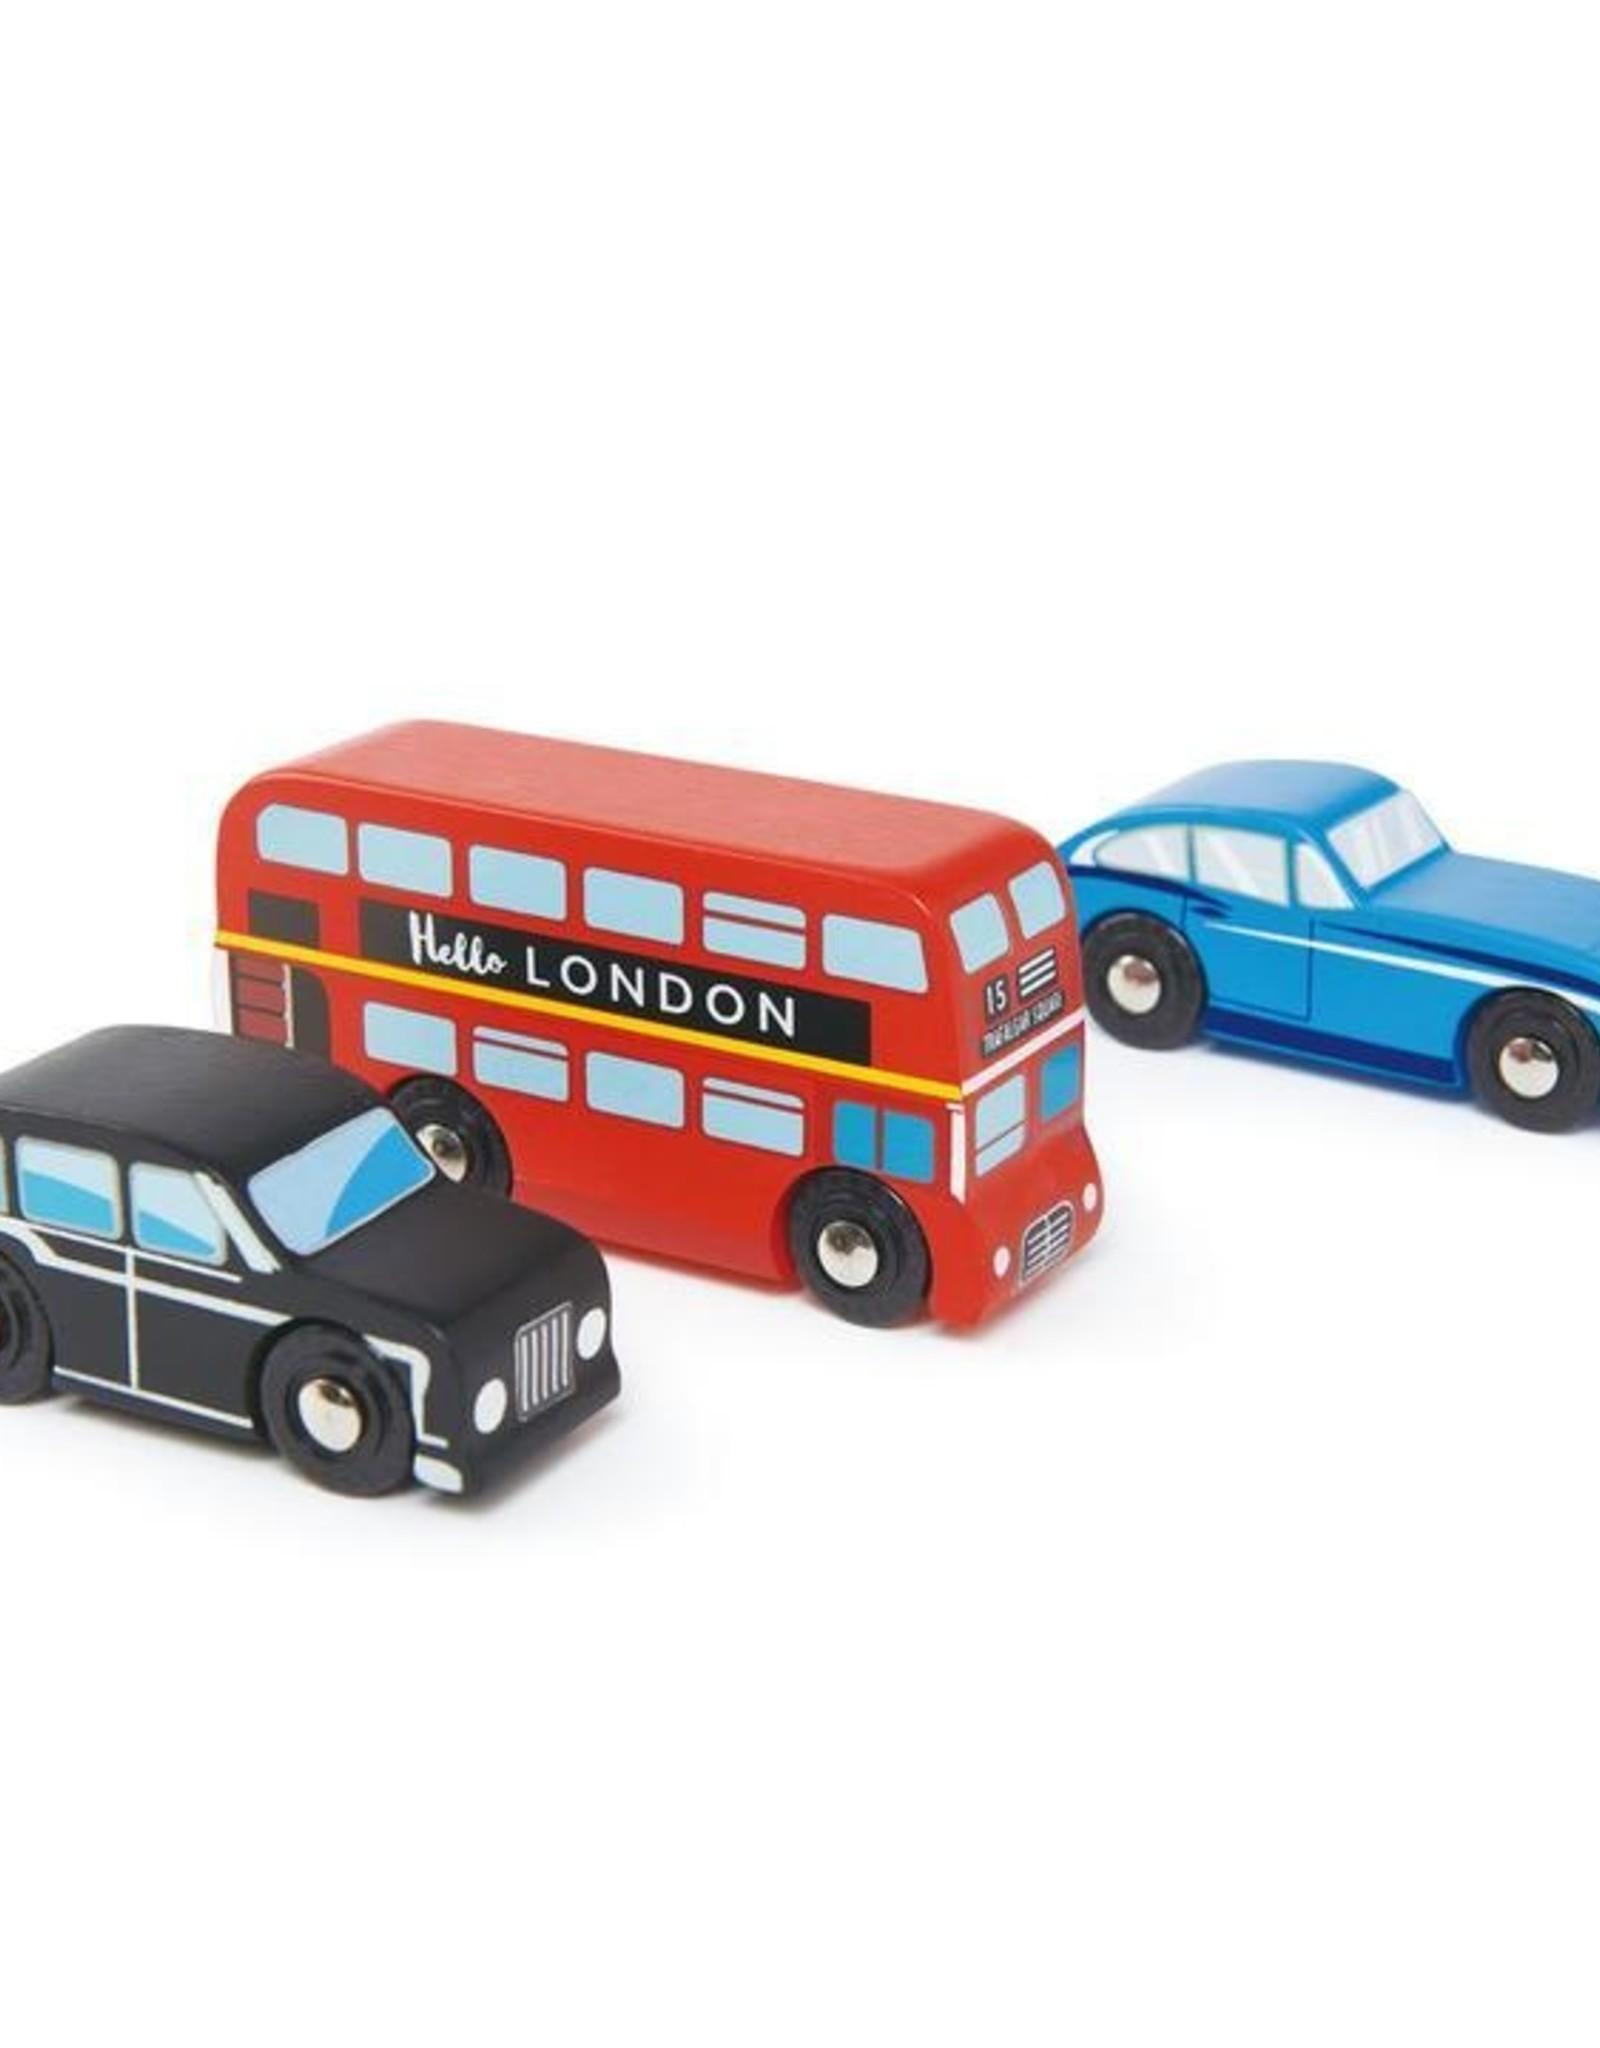 Tender leaf toys Ensemble de voitures de Londres